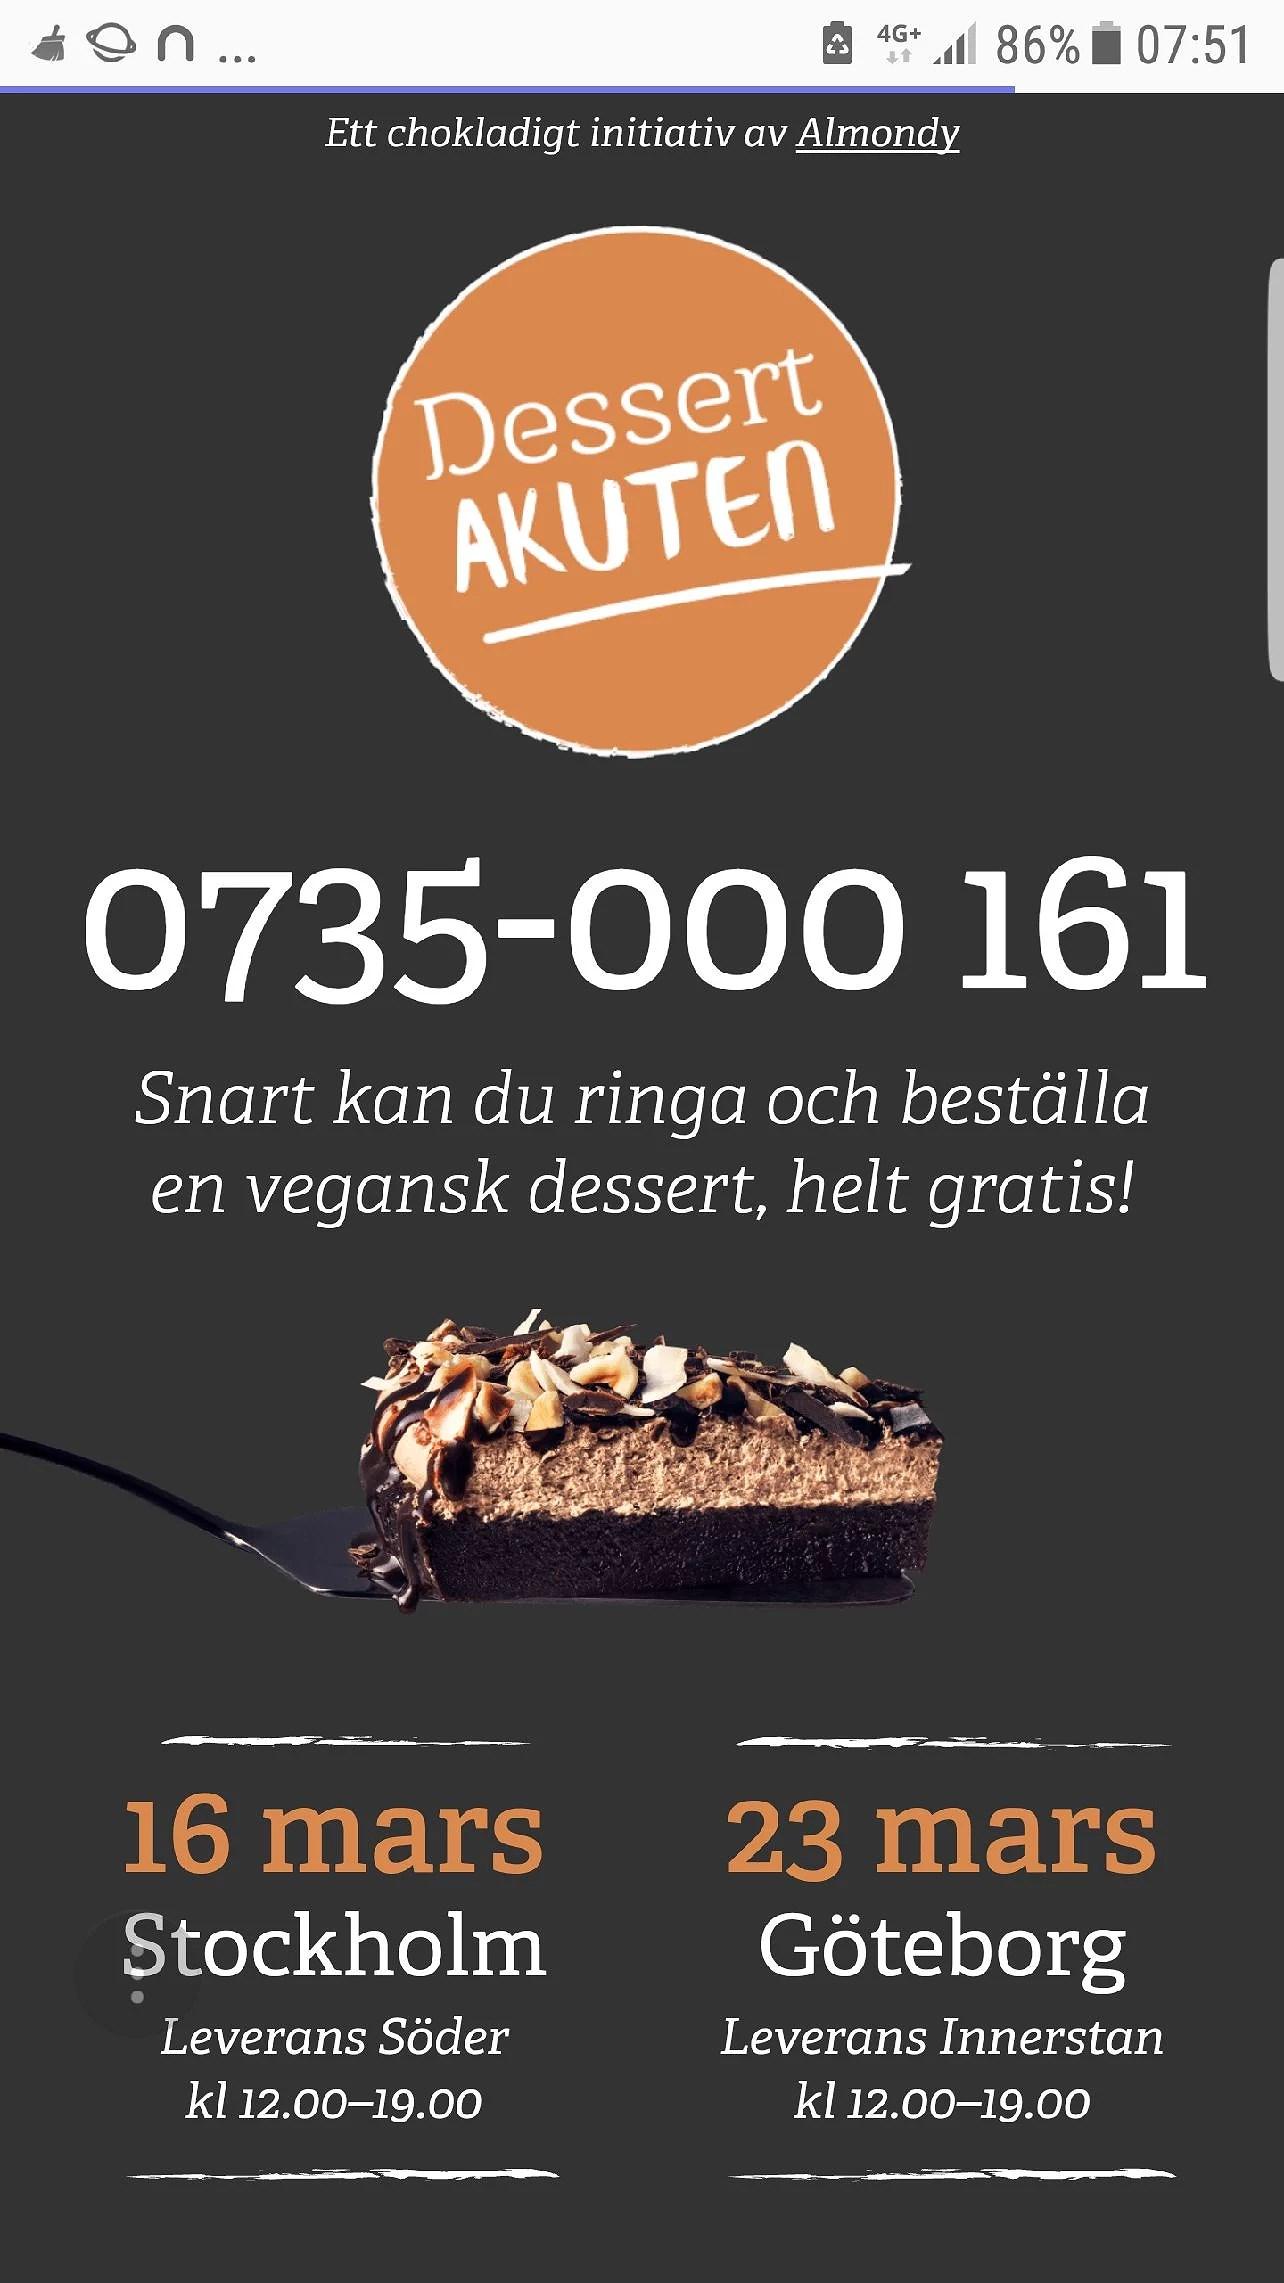 Gratis Almondy nu på lördag i Stockholm